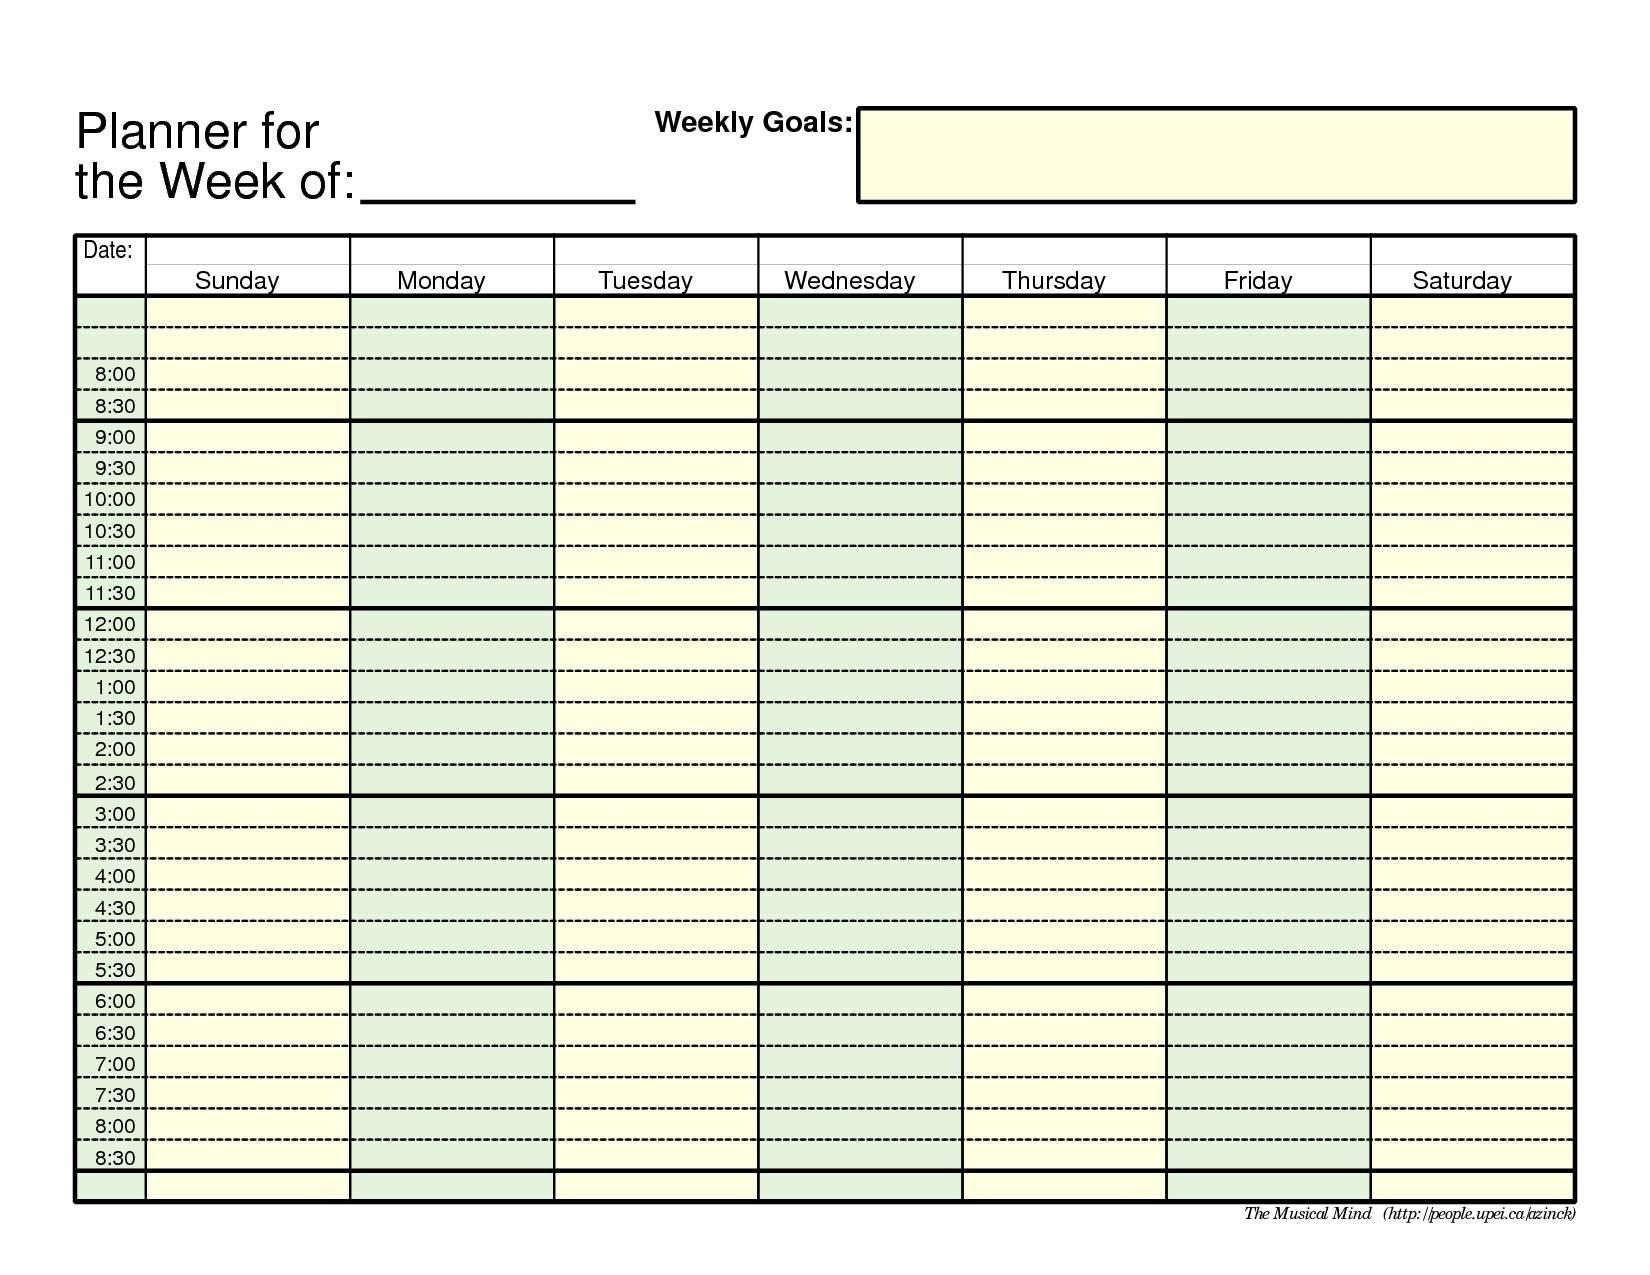 Print Blank Week Calendar Outlook Printable For Free Of Cost Weekly_Calendar Blank In Outlook